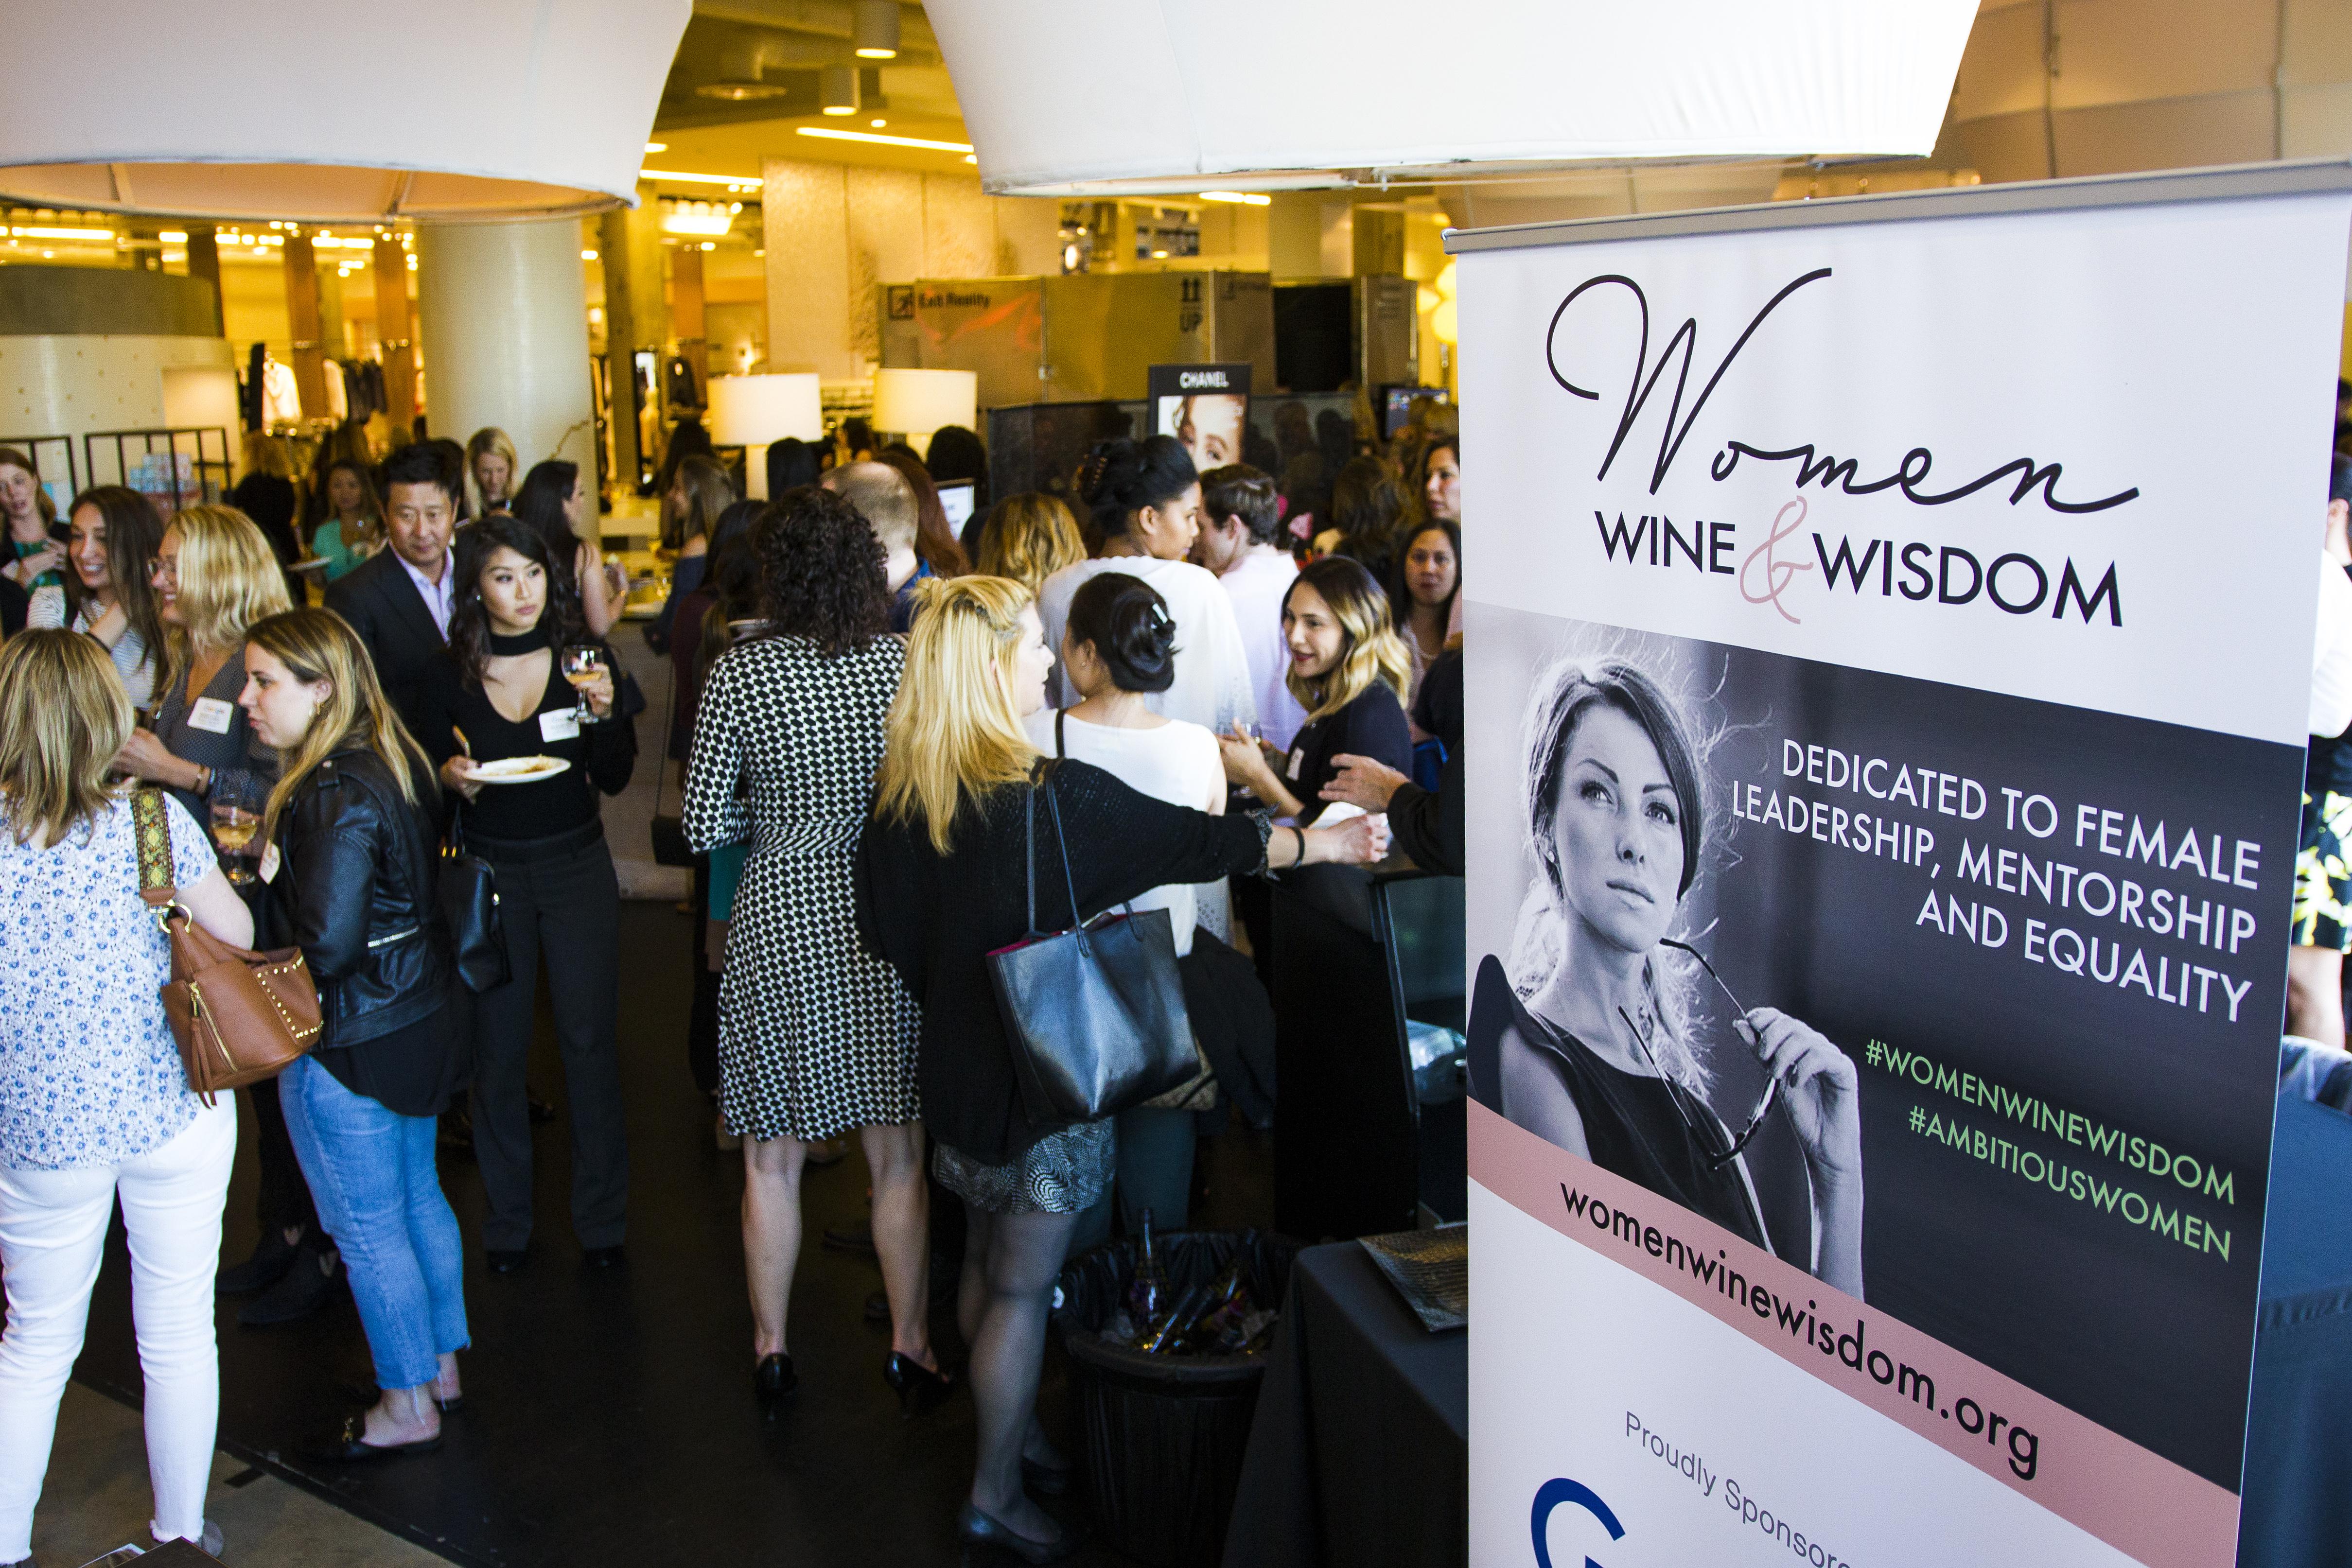 Women Wine & Wisdom